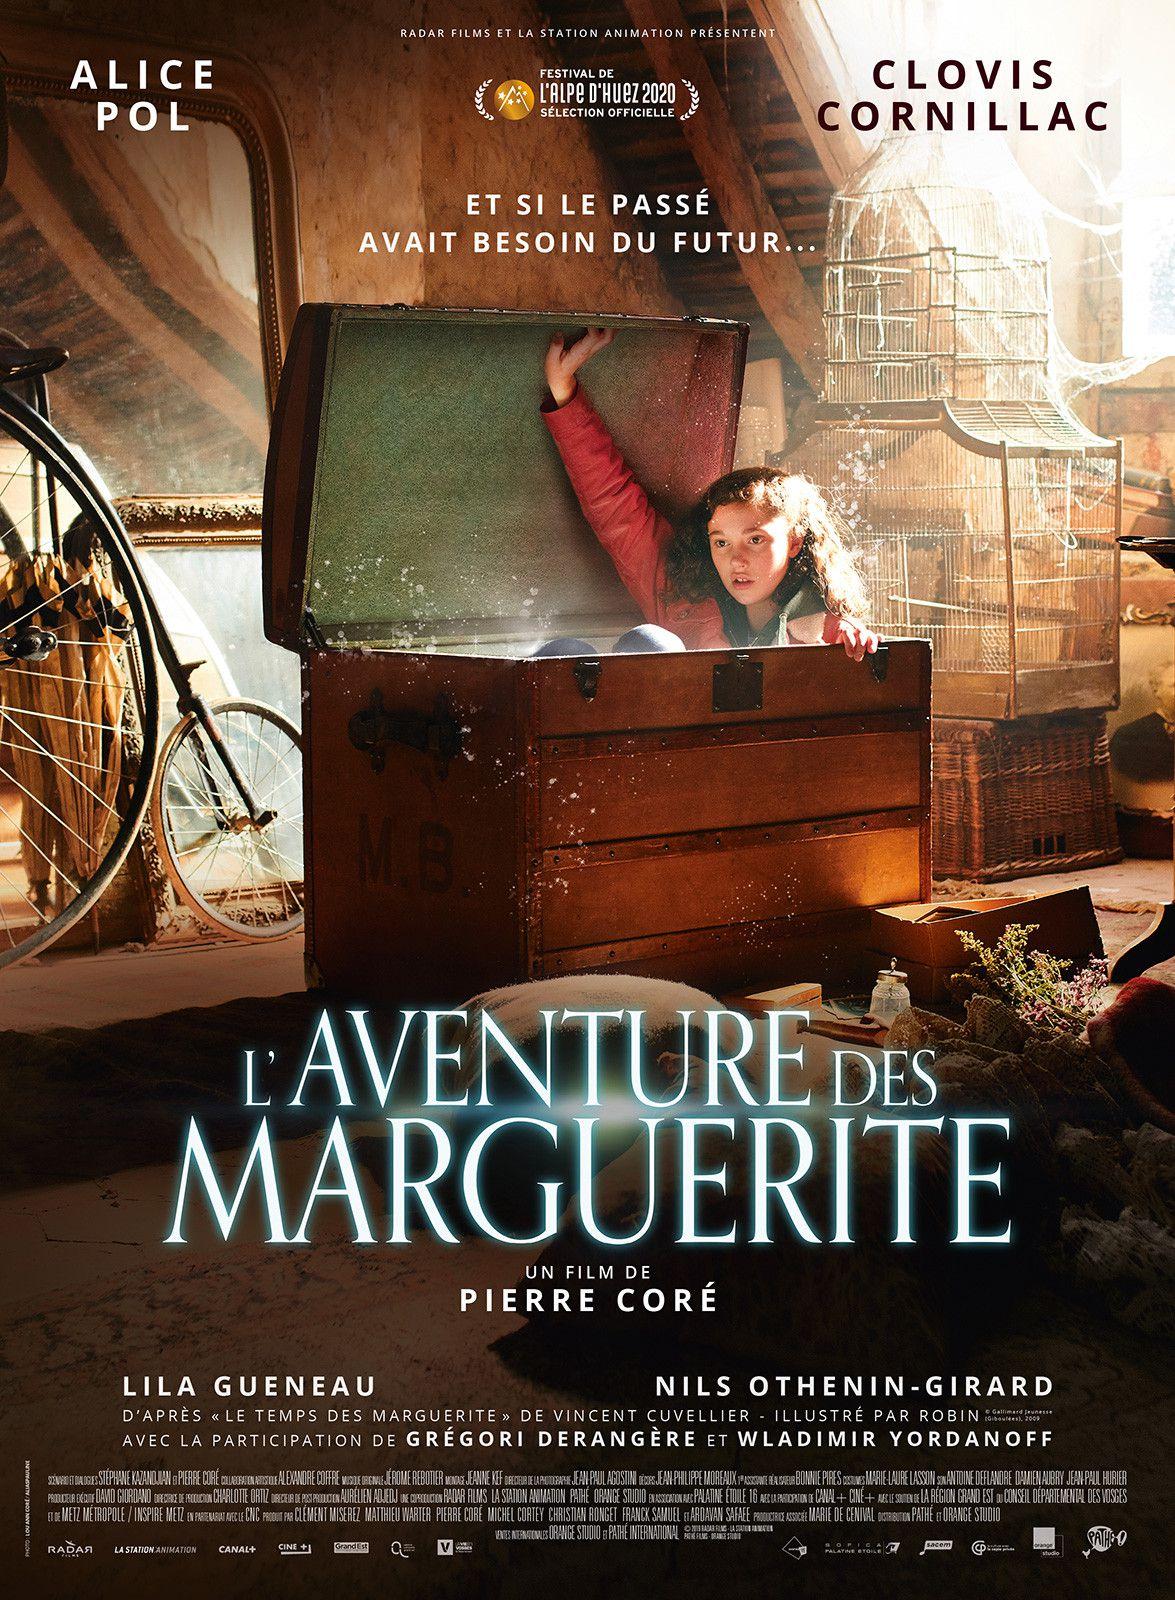 L'Aventure des Marguerite - Film (2020)